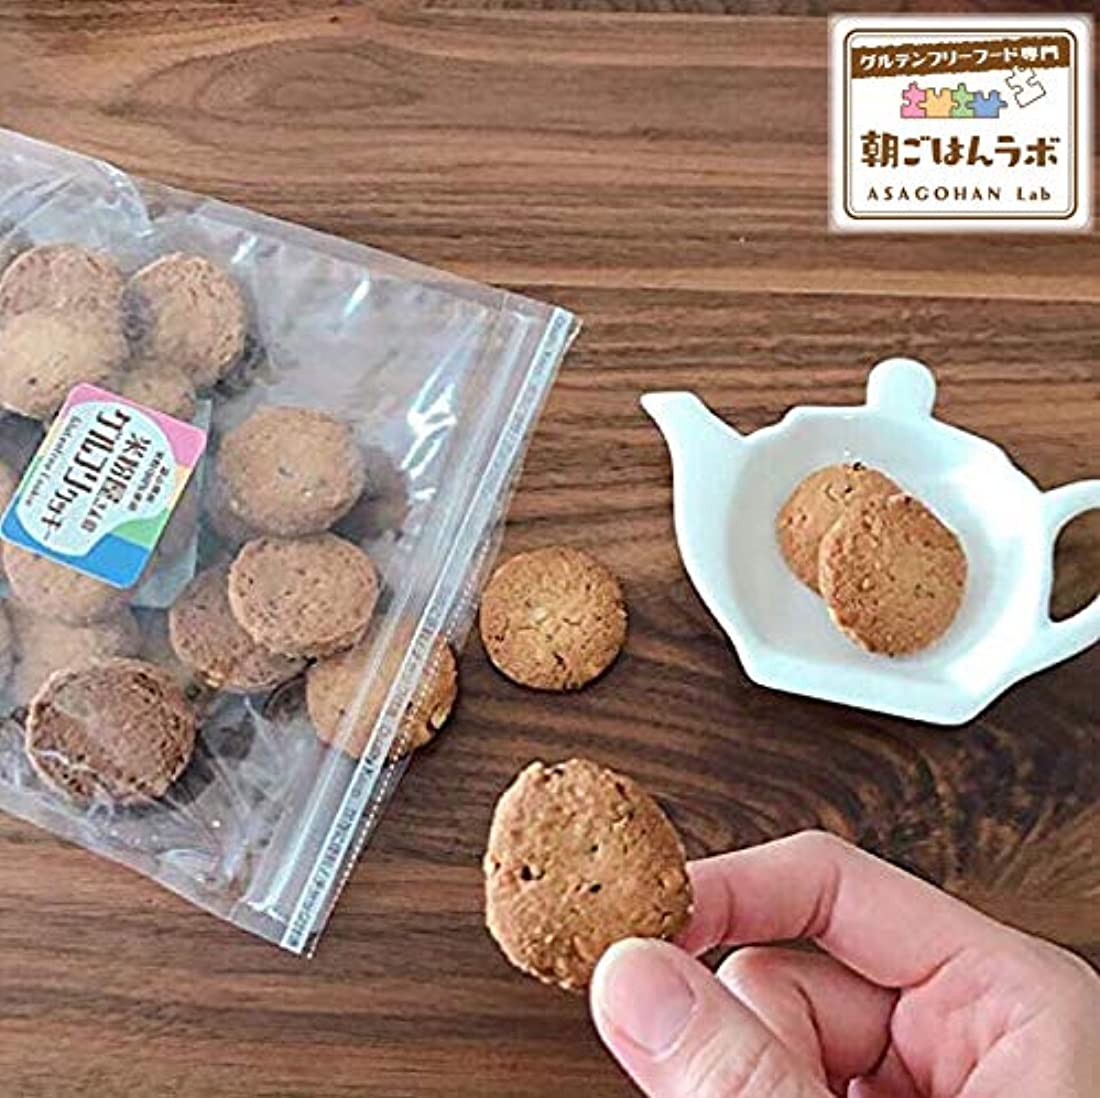 オペラ地球寛解米粉屋さんのグルフリクッキー  (ブラックペッパー 2袋)グルテンフリー 朝ごはんラボ